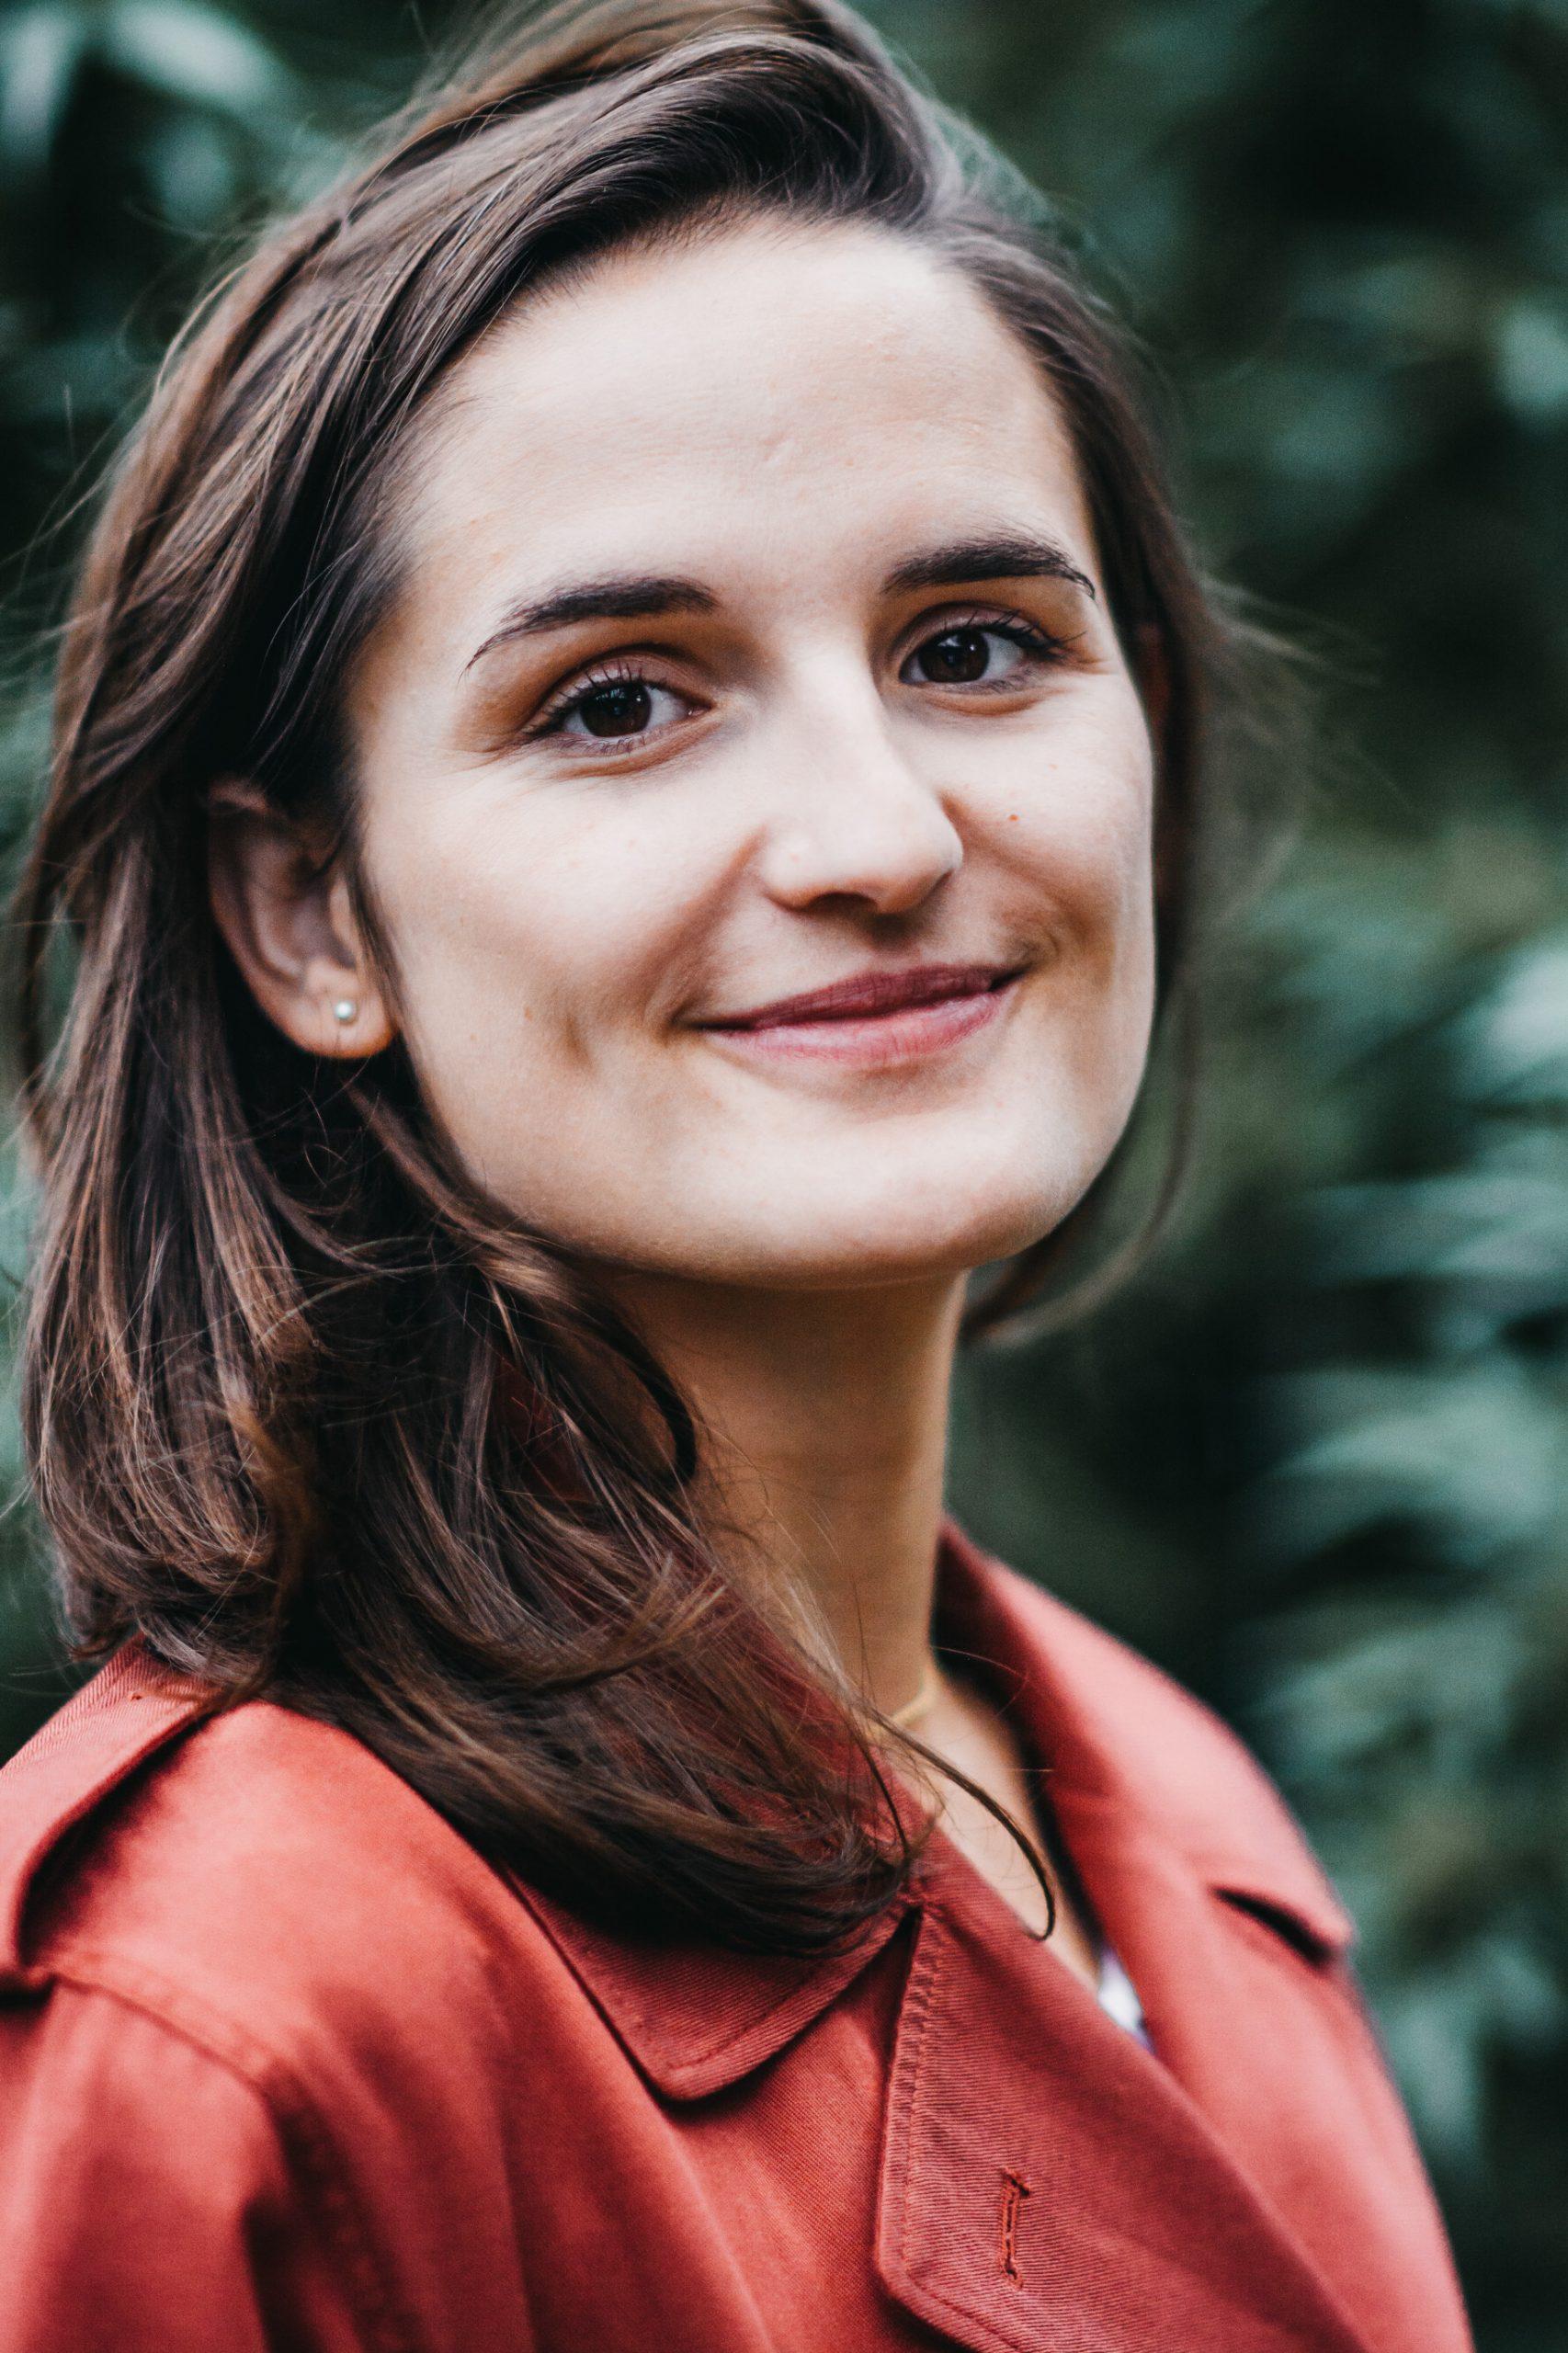 BESC-D Scholarship, Maude Archambault